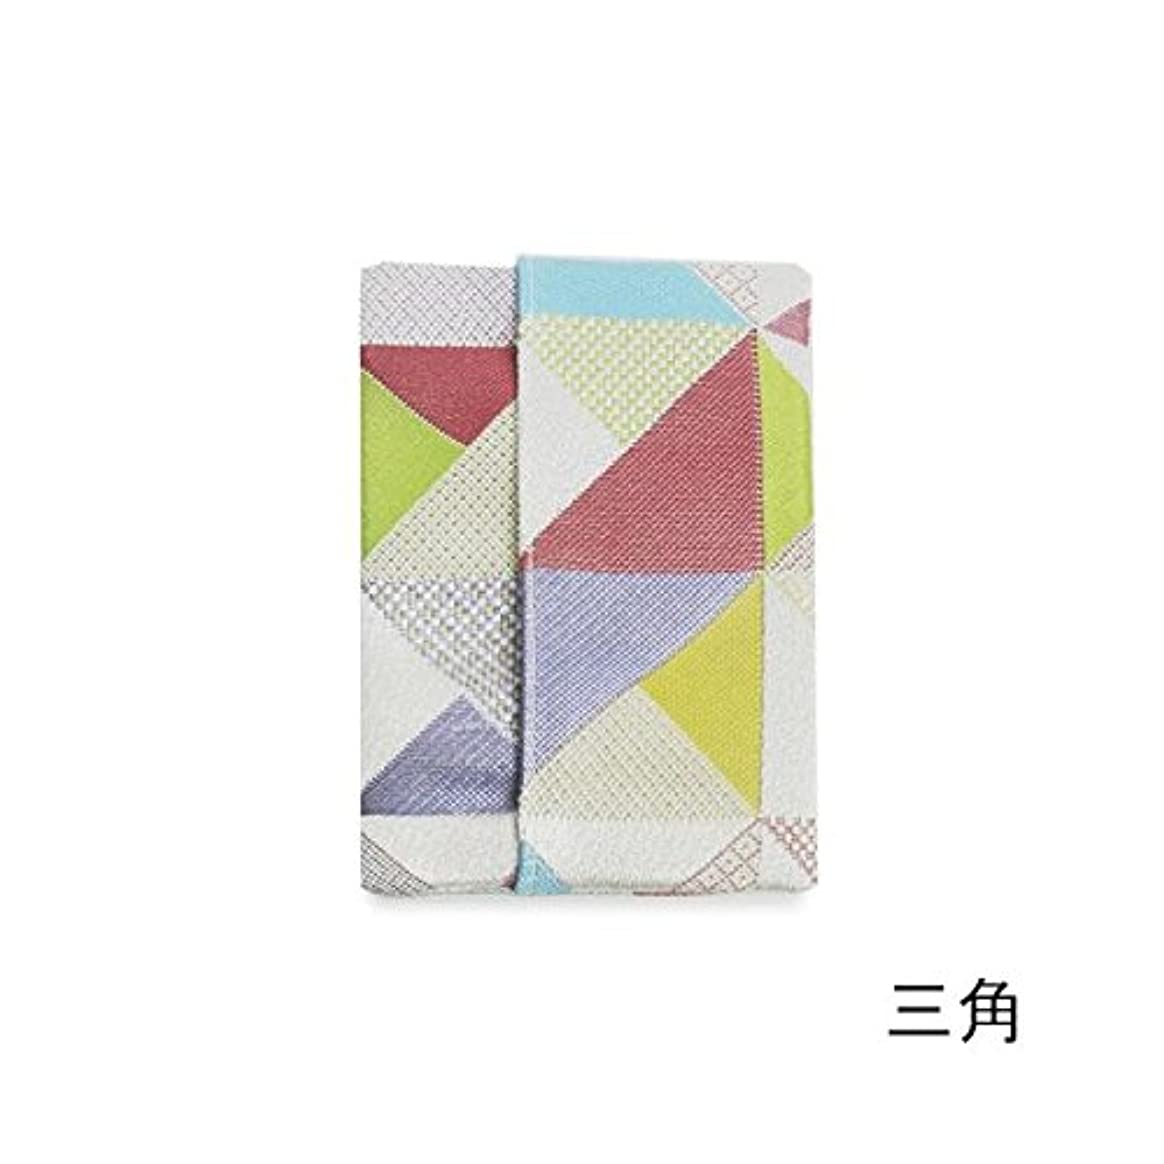 黙認する動くお茶なにいろ サシェ  (三角)